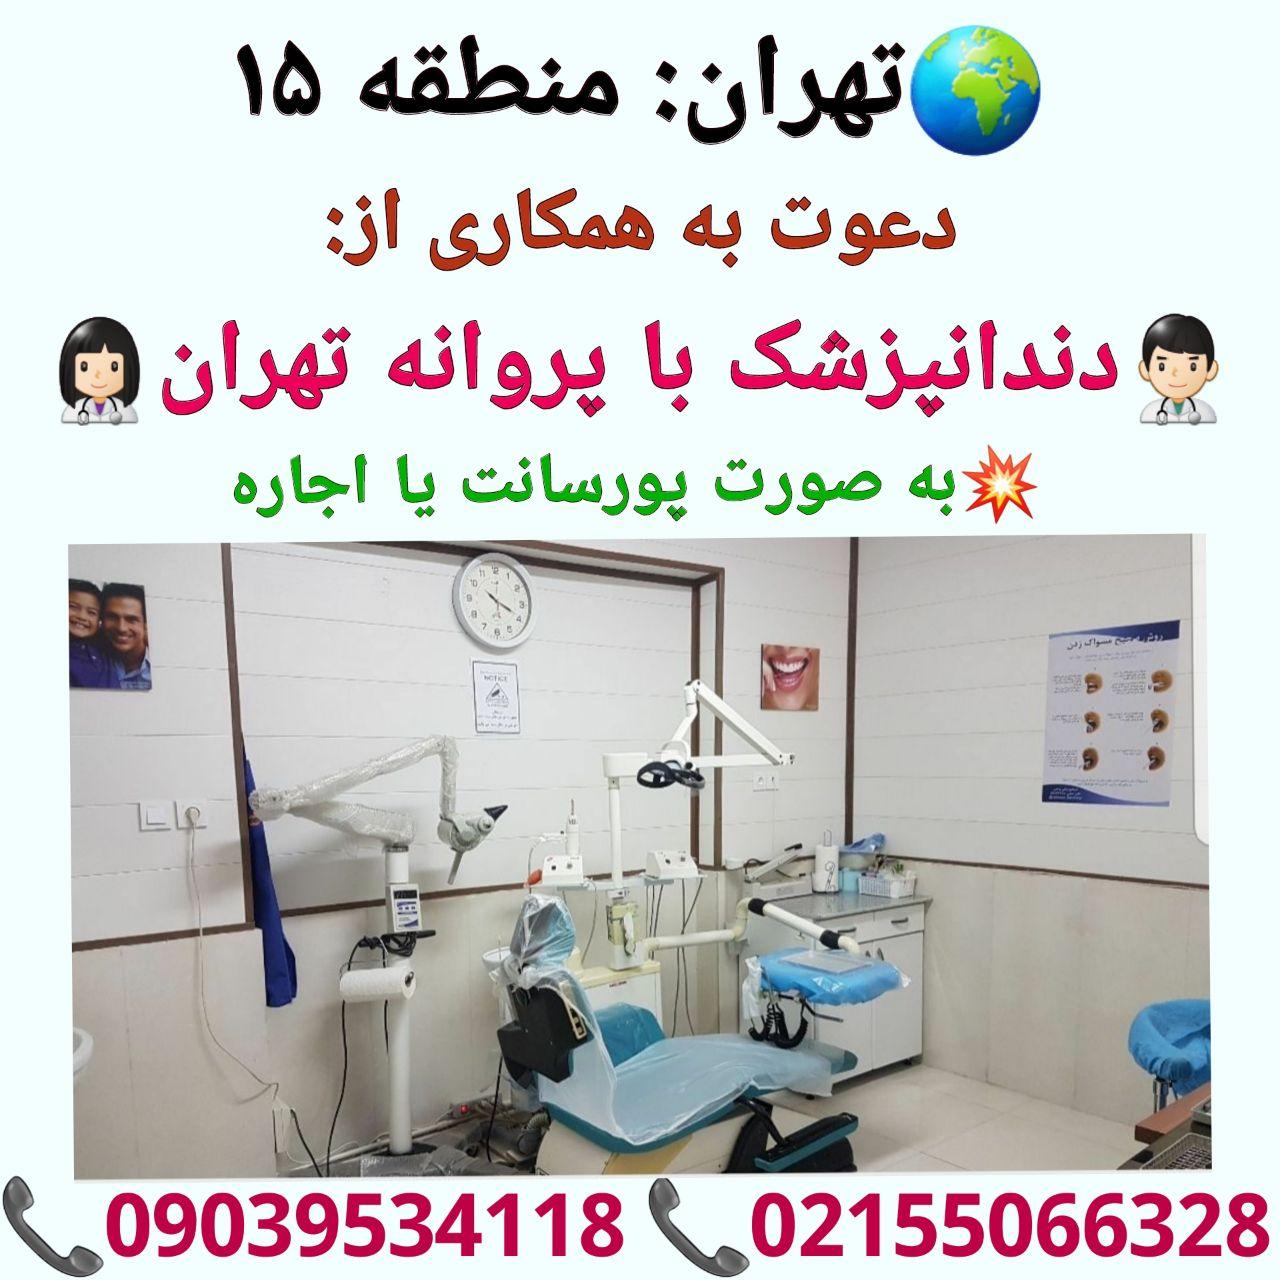 تهران: منطقه ۱۵، دعوت به همکاری از دندانپزشک با پروانه تهران